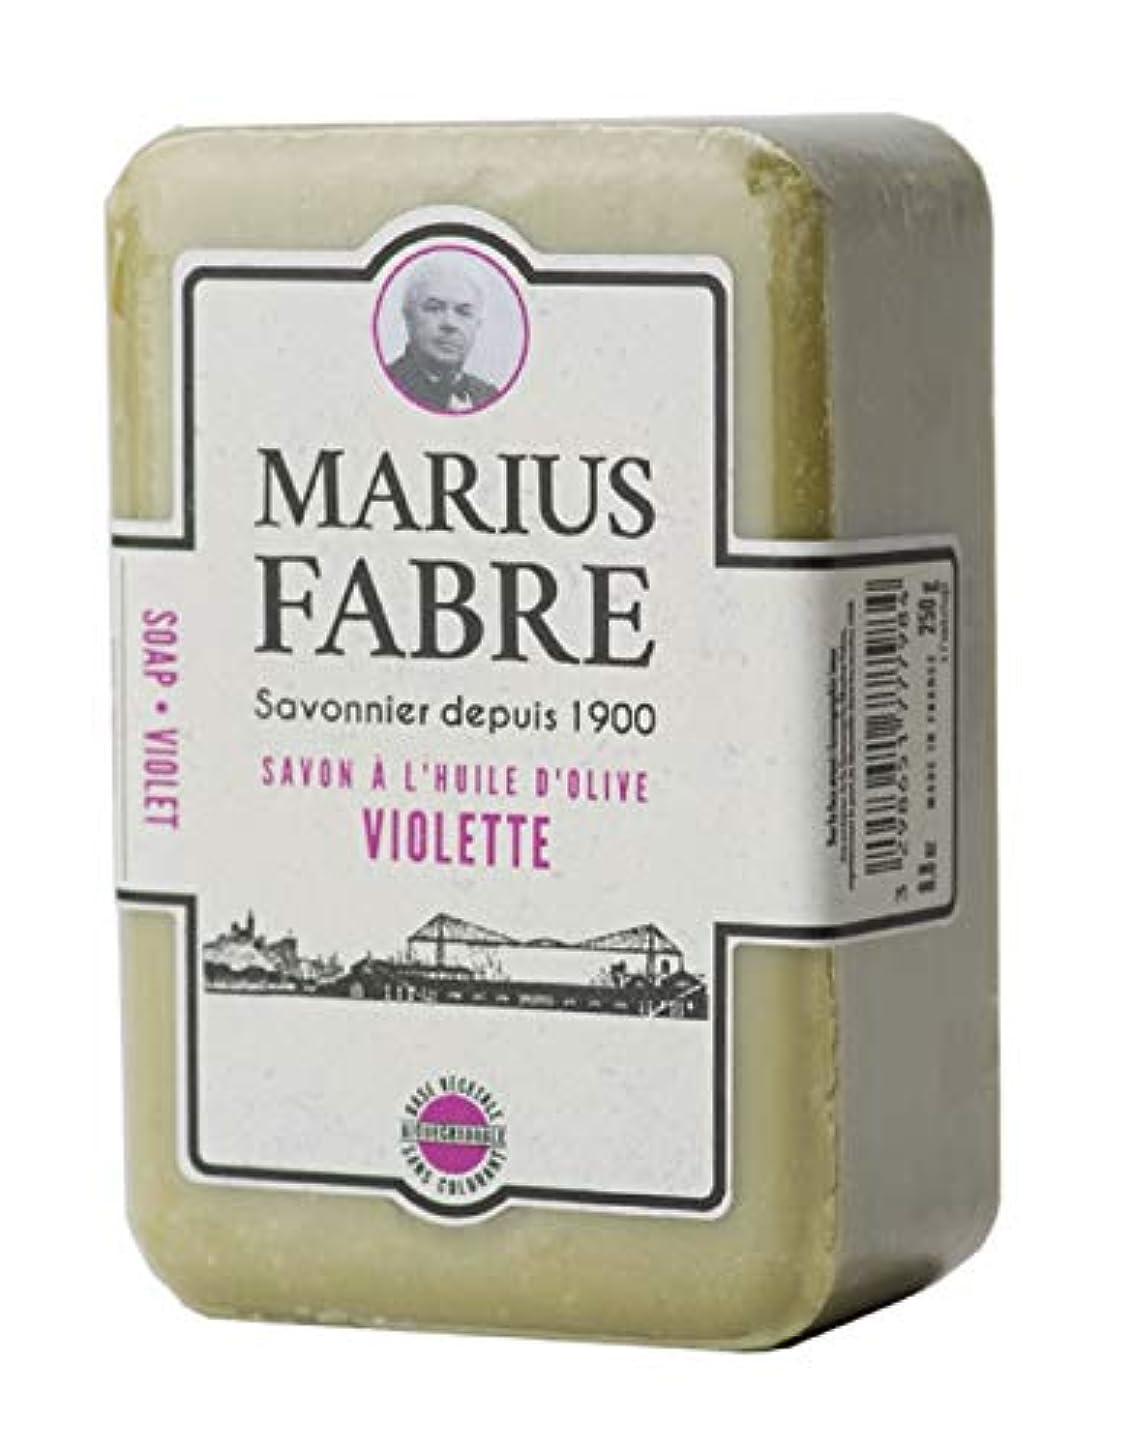 サボンドマルセイユ 1900 バイオレット 250g